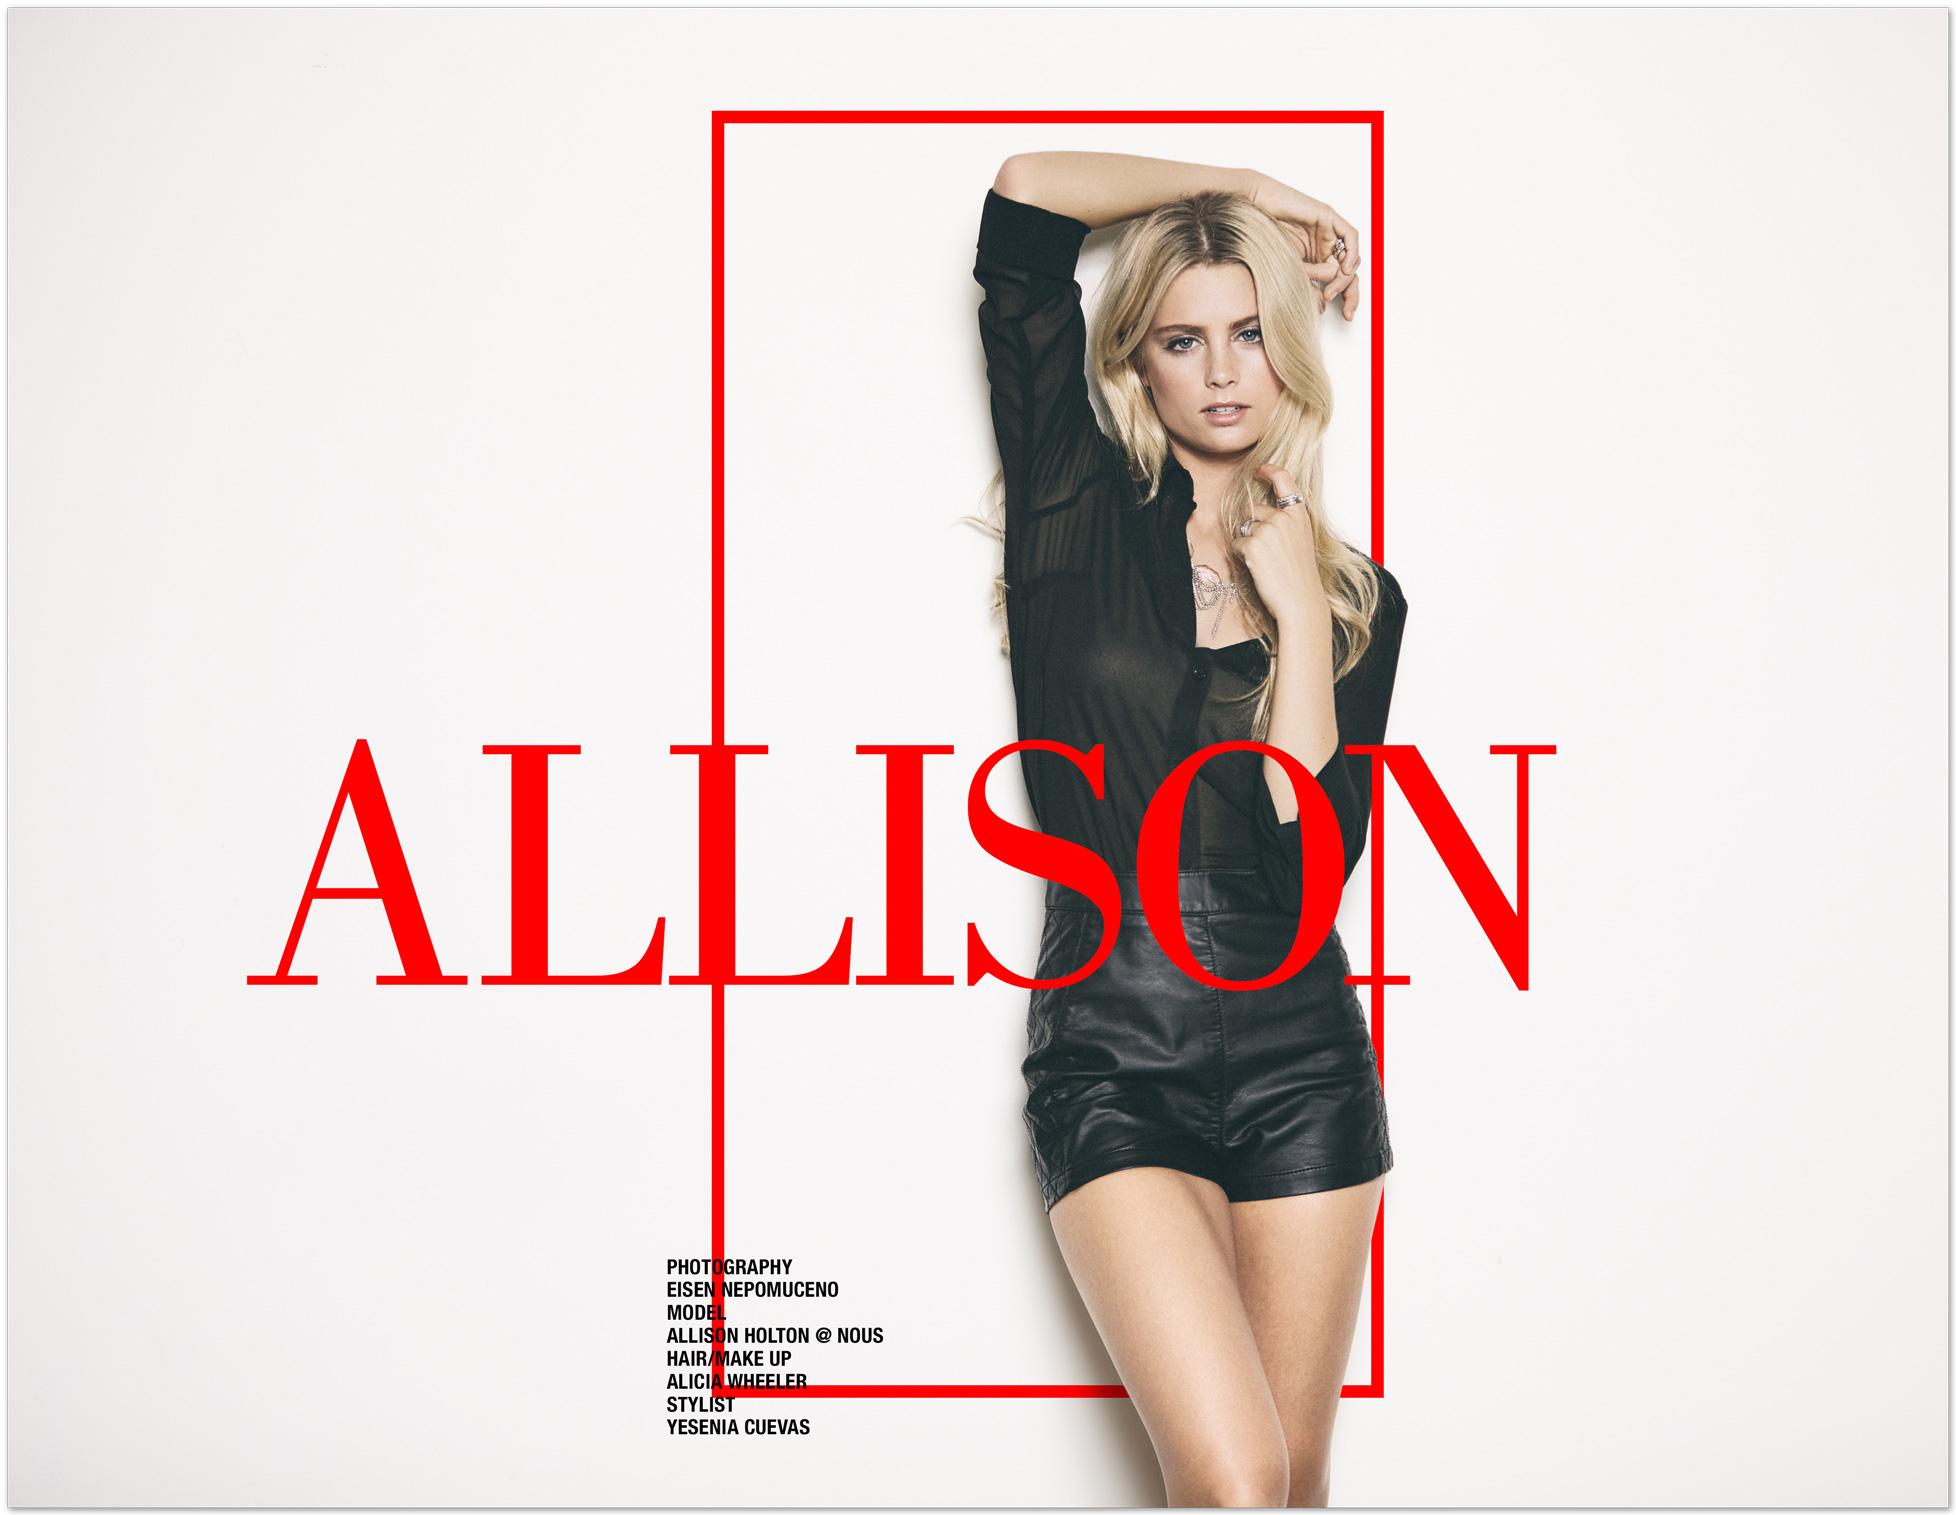 Allison Holton @ Nous by Eisen Nepomuceno